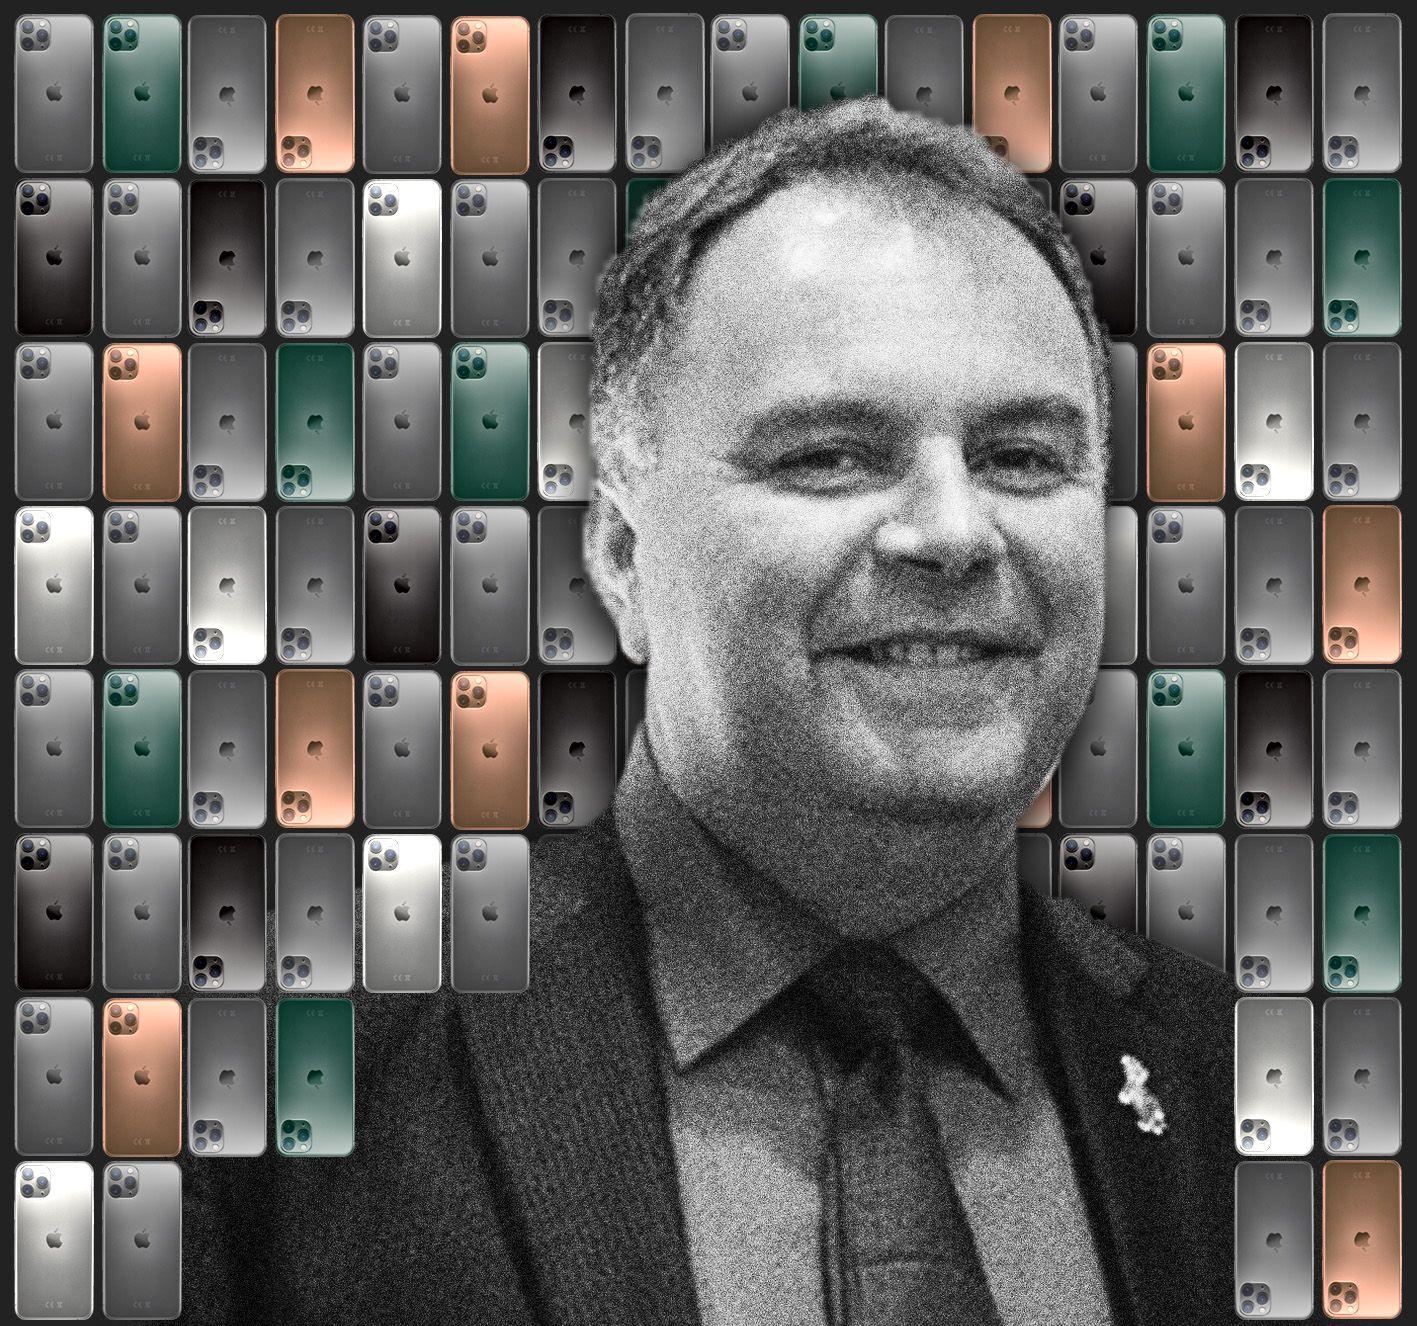 Tony Blevins, chefe de aquisições da Apple